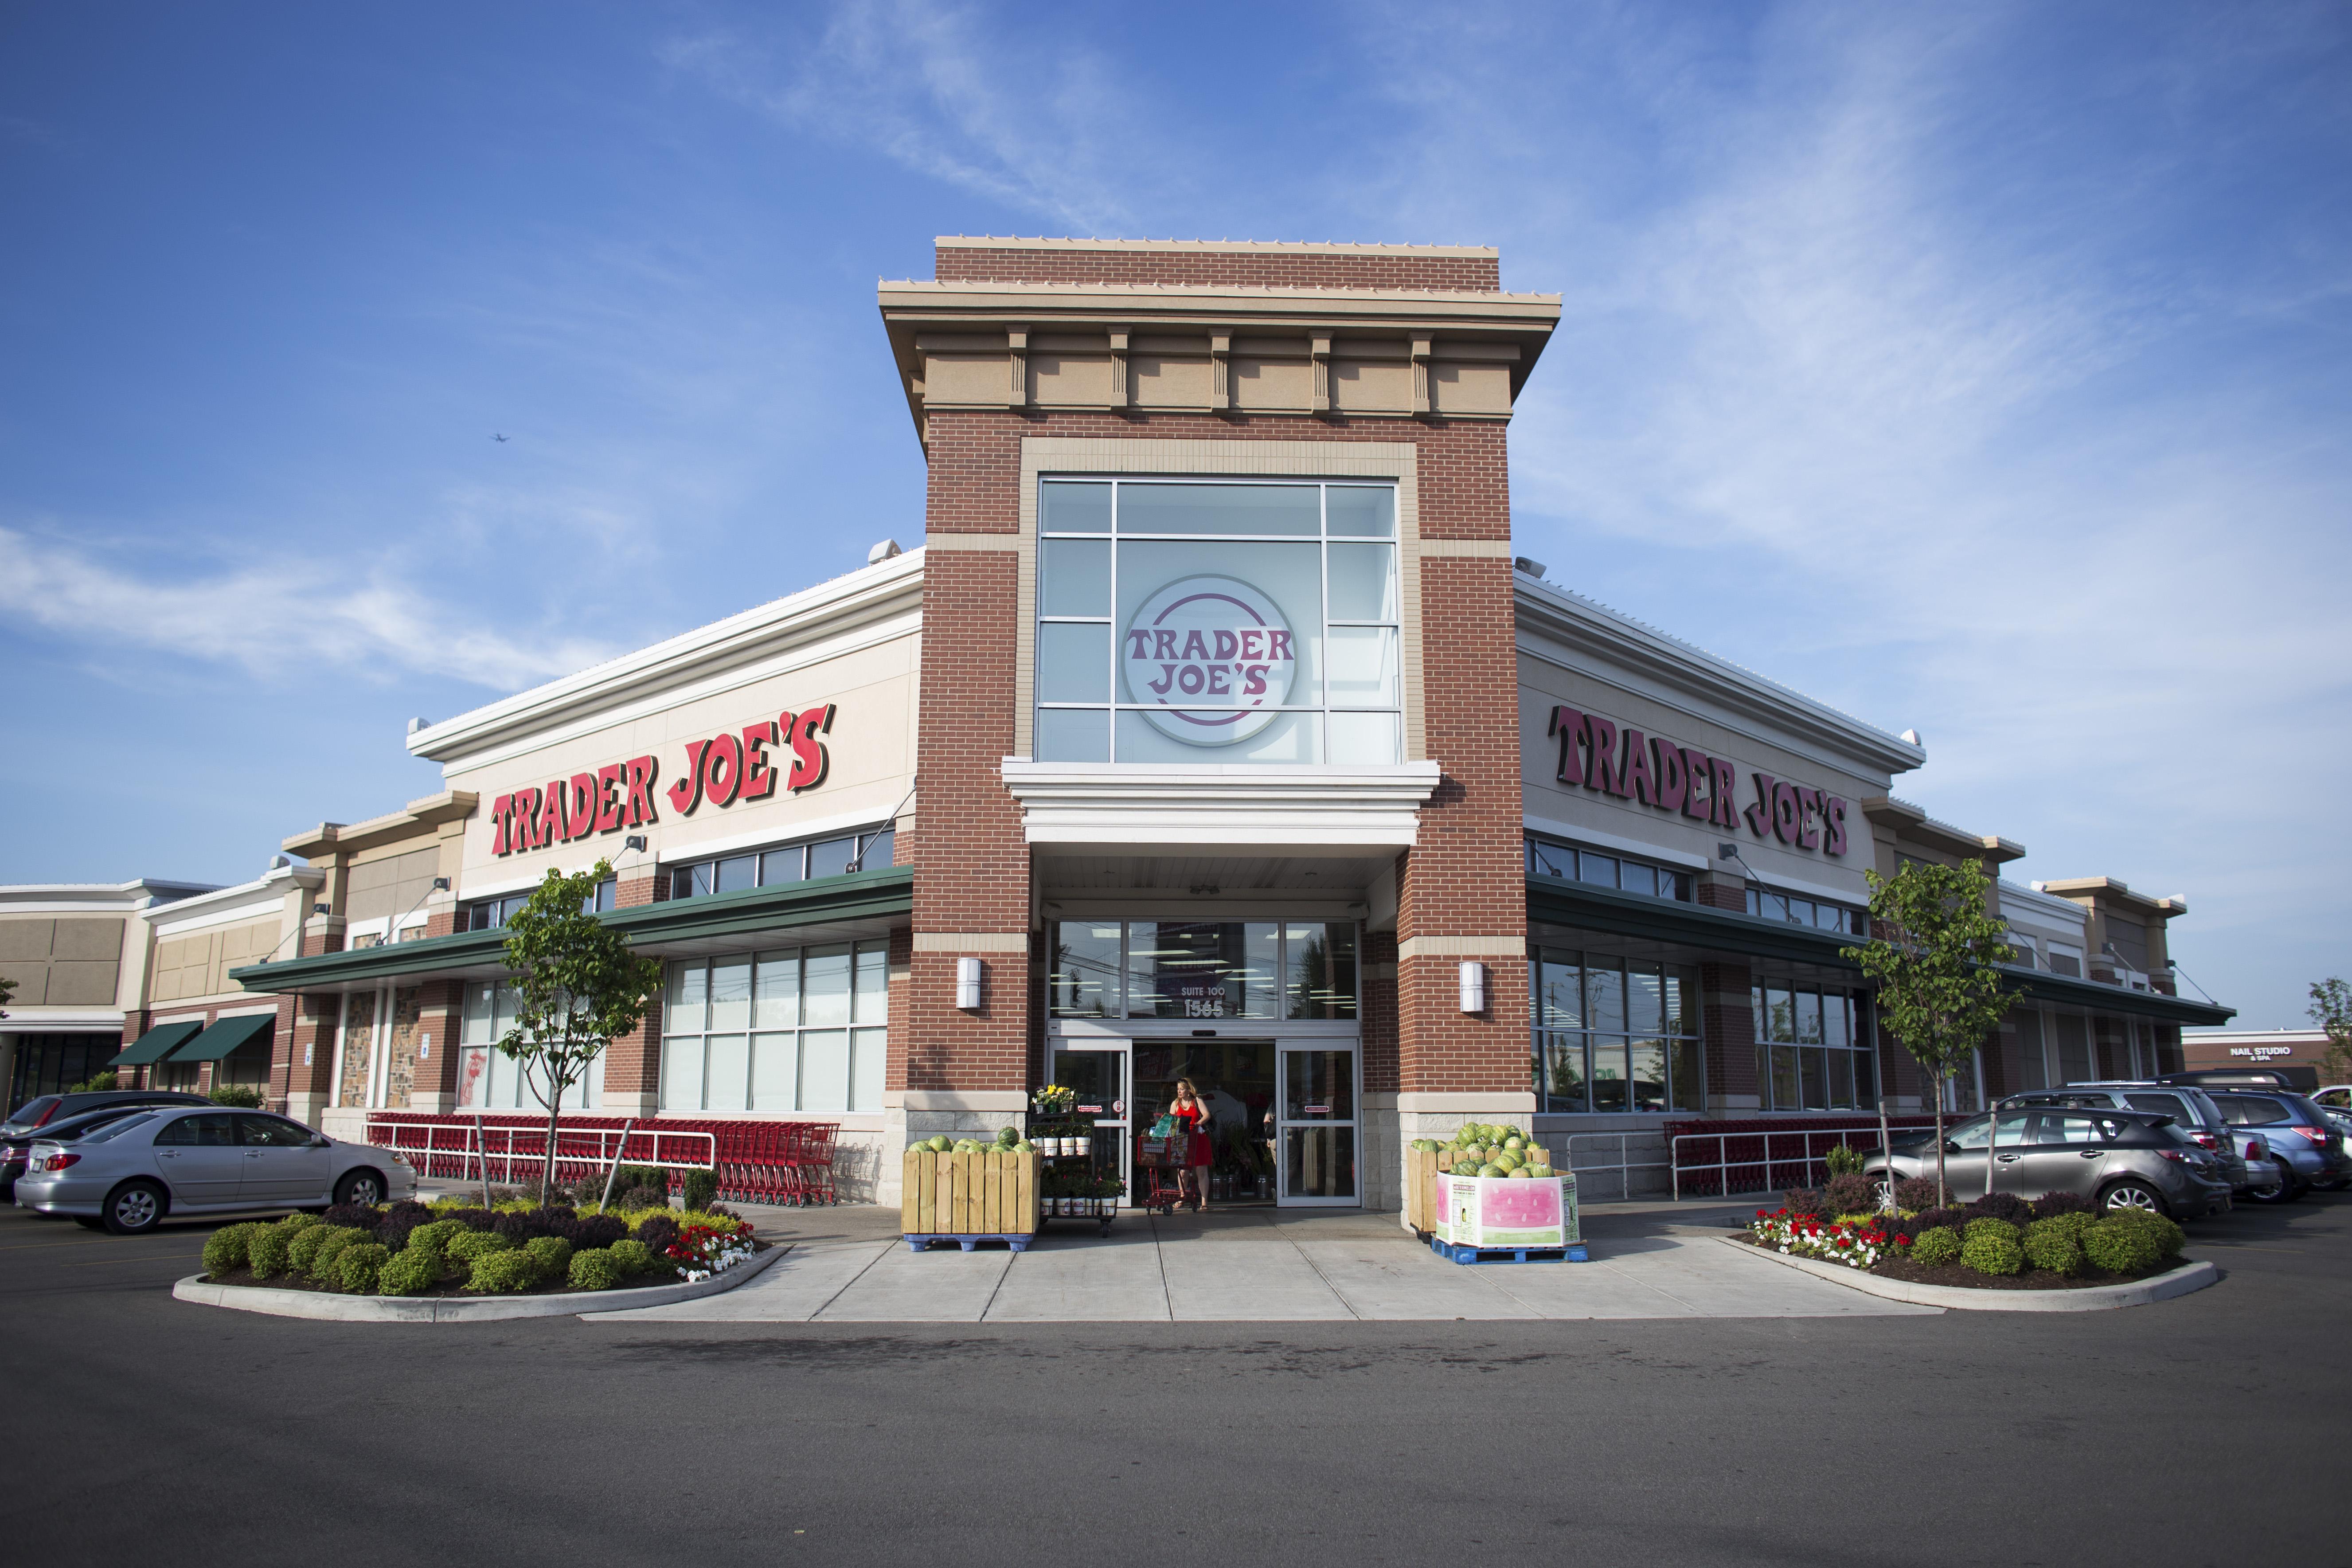 Trader Joe's in Buffalo, NY.